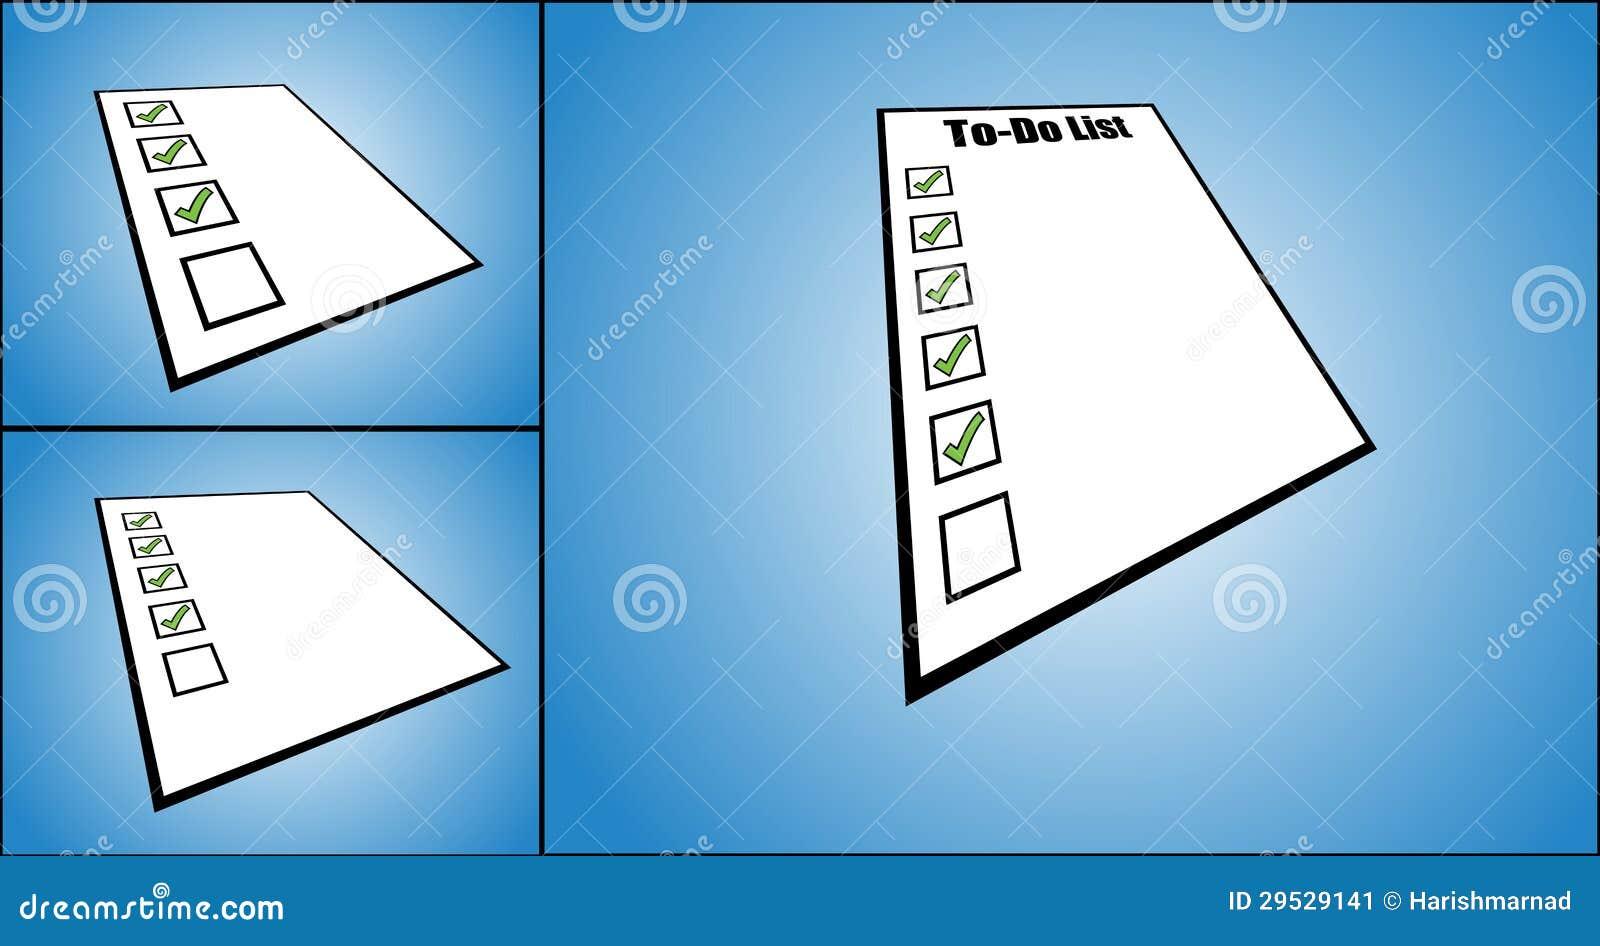 Ilustração do conceito de para fazer a lista ou a lista de tarefa